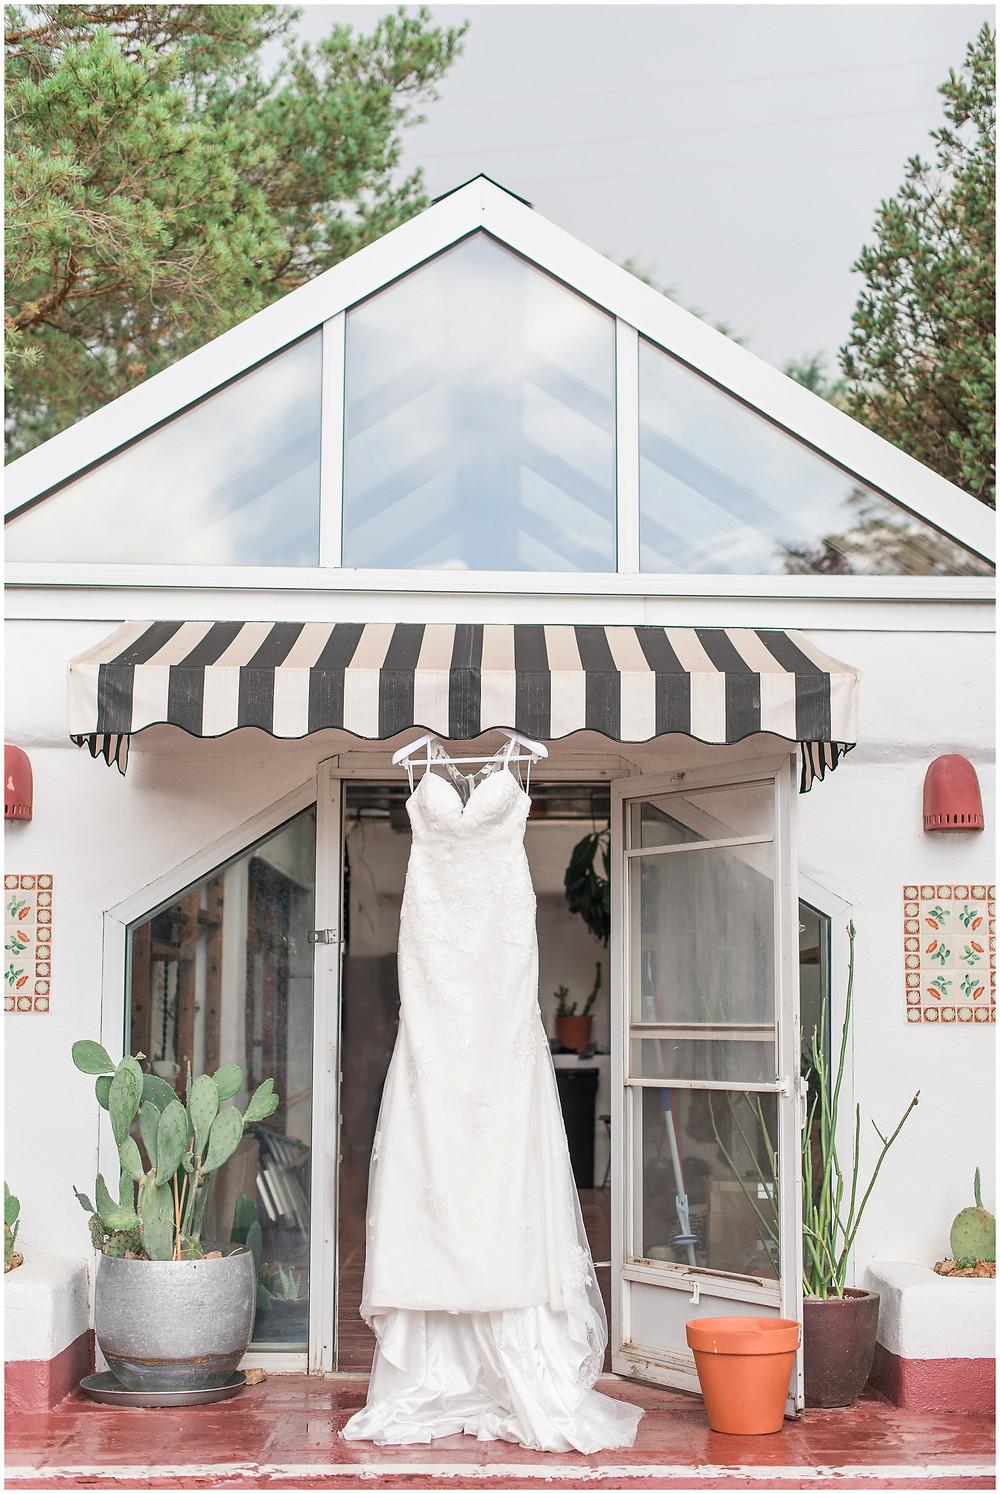 El Ray Court Wedding. El Ray Court Santa Fe. Santa Fe Wedding. Santa Fe Wedding Photographer. New Mexico Wedding. New Mexico Wedding Photographer. Lace Wedding Dress. Strapless Wedding Dress. Kate Spade Wedding. Garden Wedding.